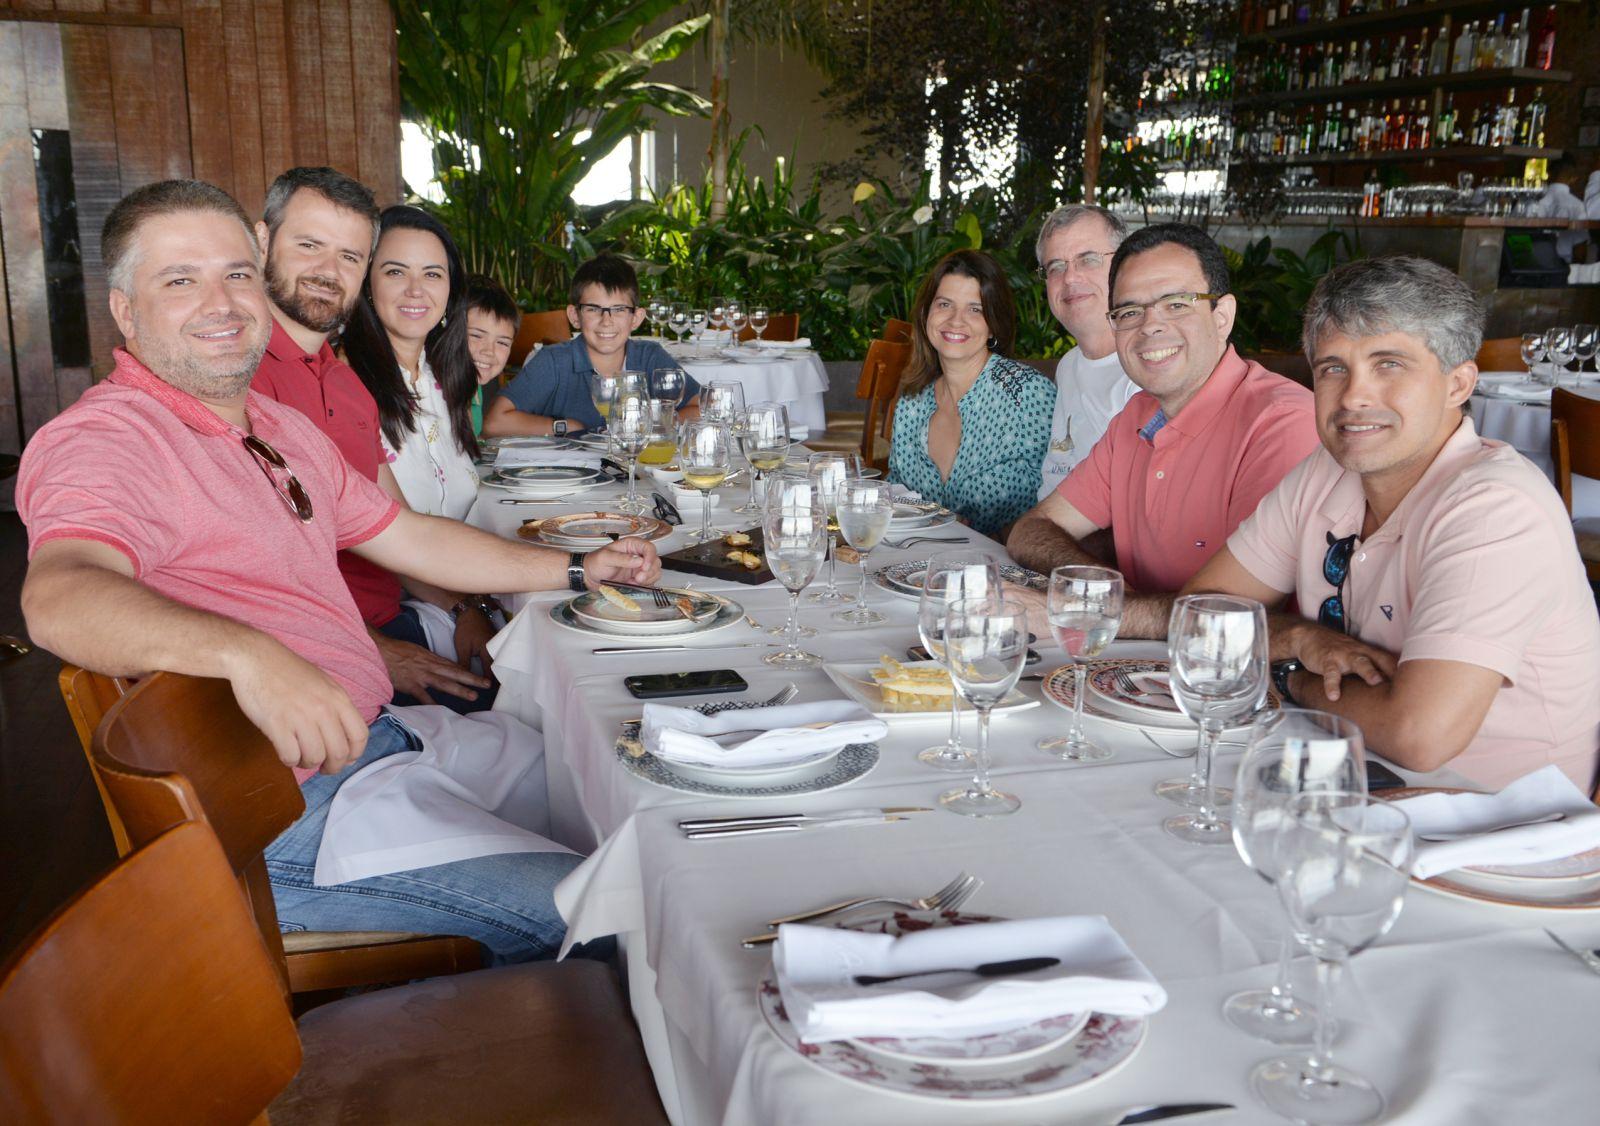 O advogado Luiz Viana presid. da OAB, jantando com outros advogados no Amado